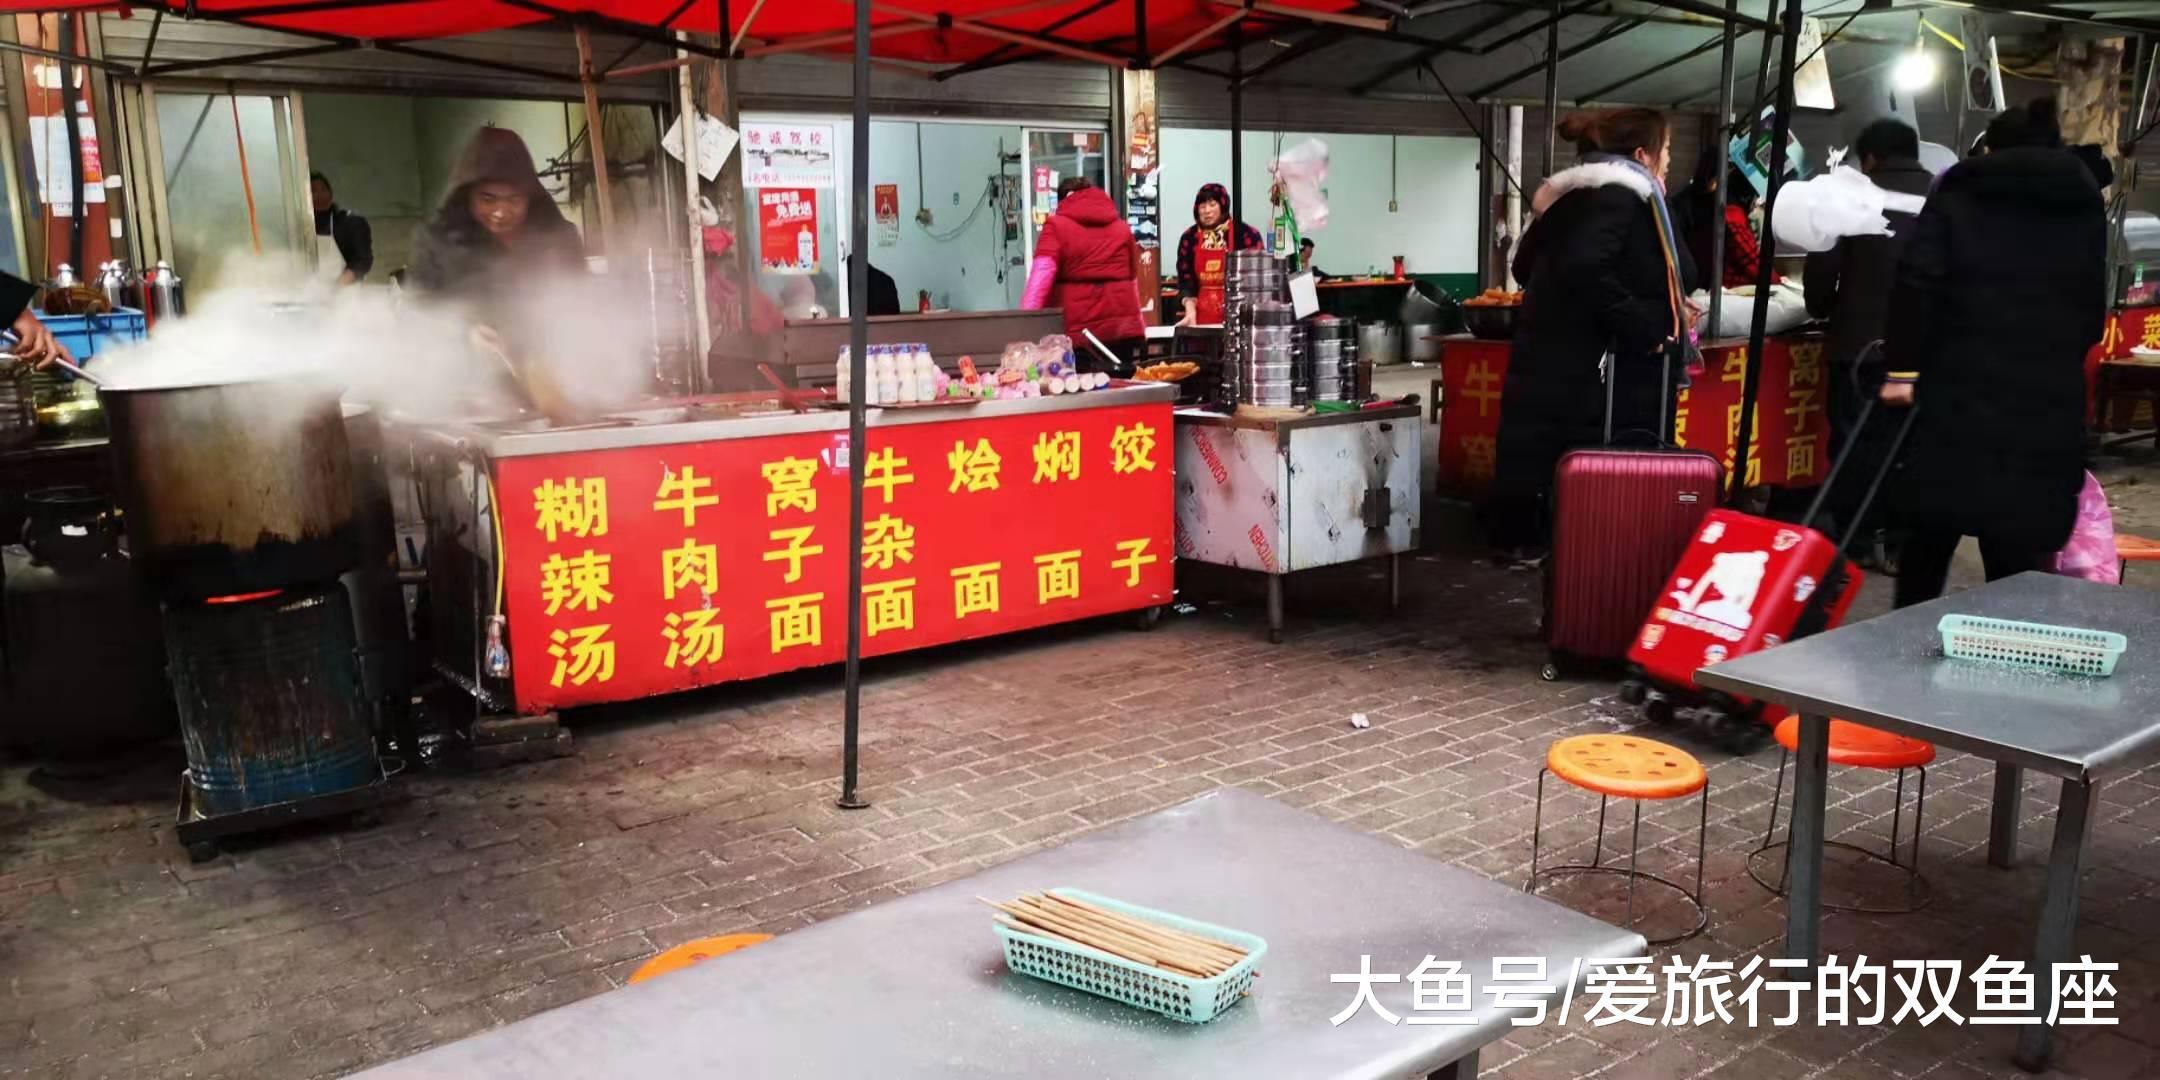 邓州高铁开通, 美食蜂拥而至: 窝子面、油烙馍、牛杂汤……